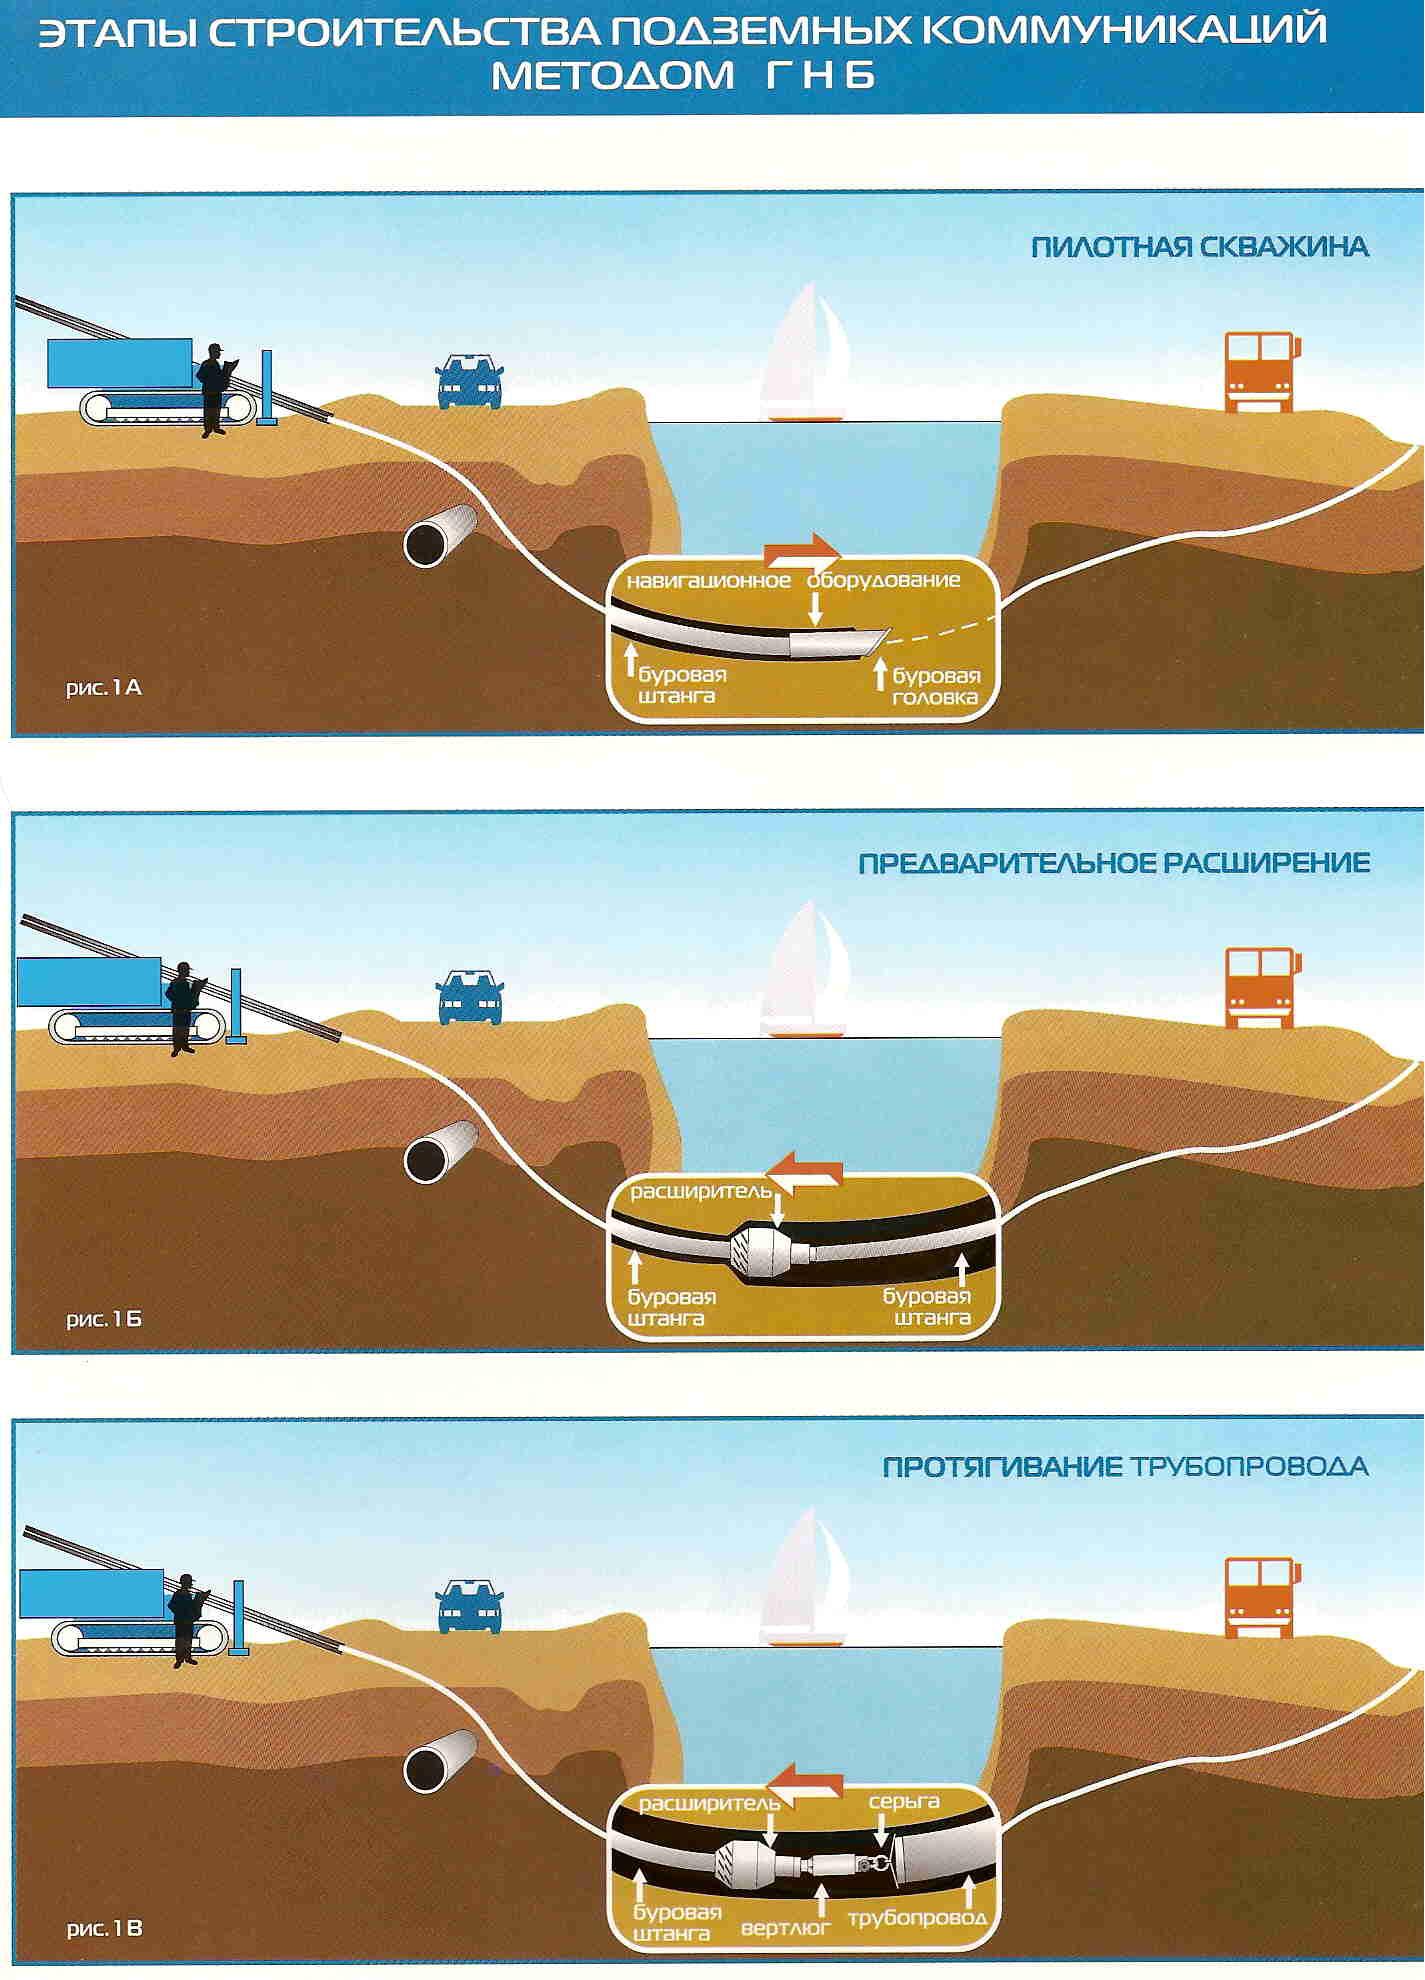 Схема бестраншейной прокладки трубопроводов с помощью буровых установок